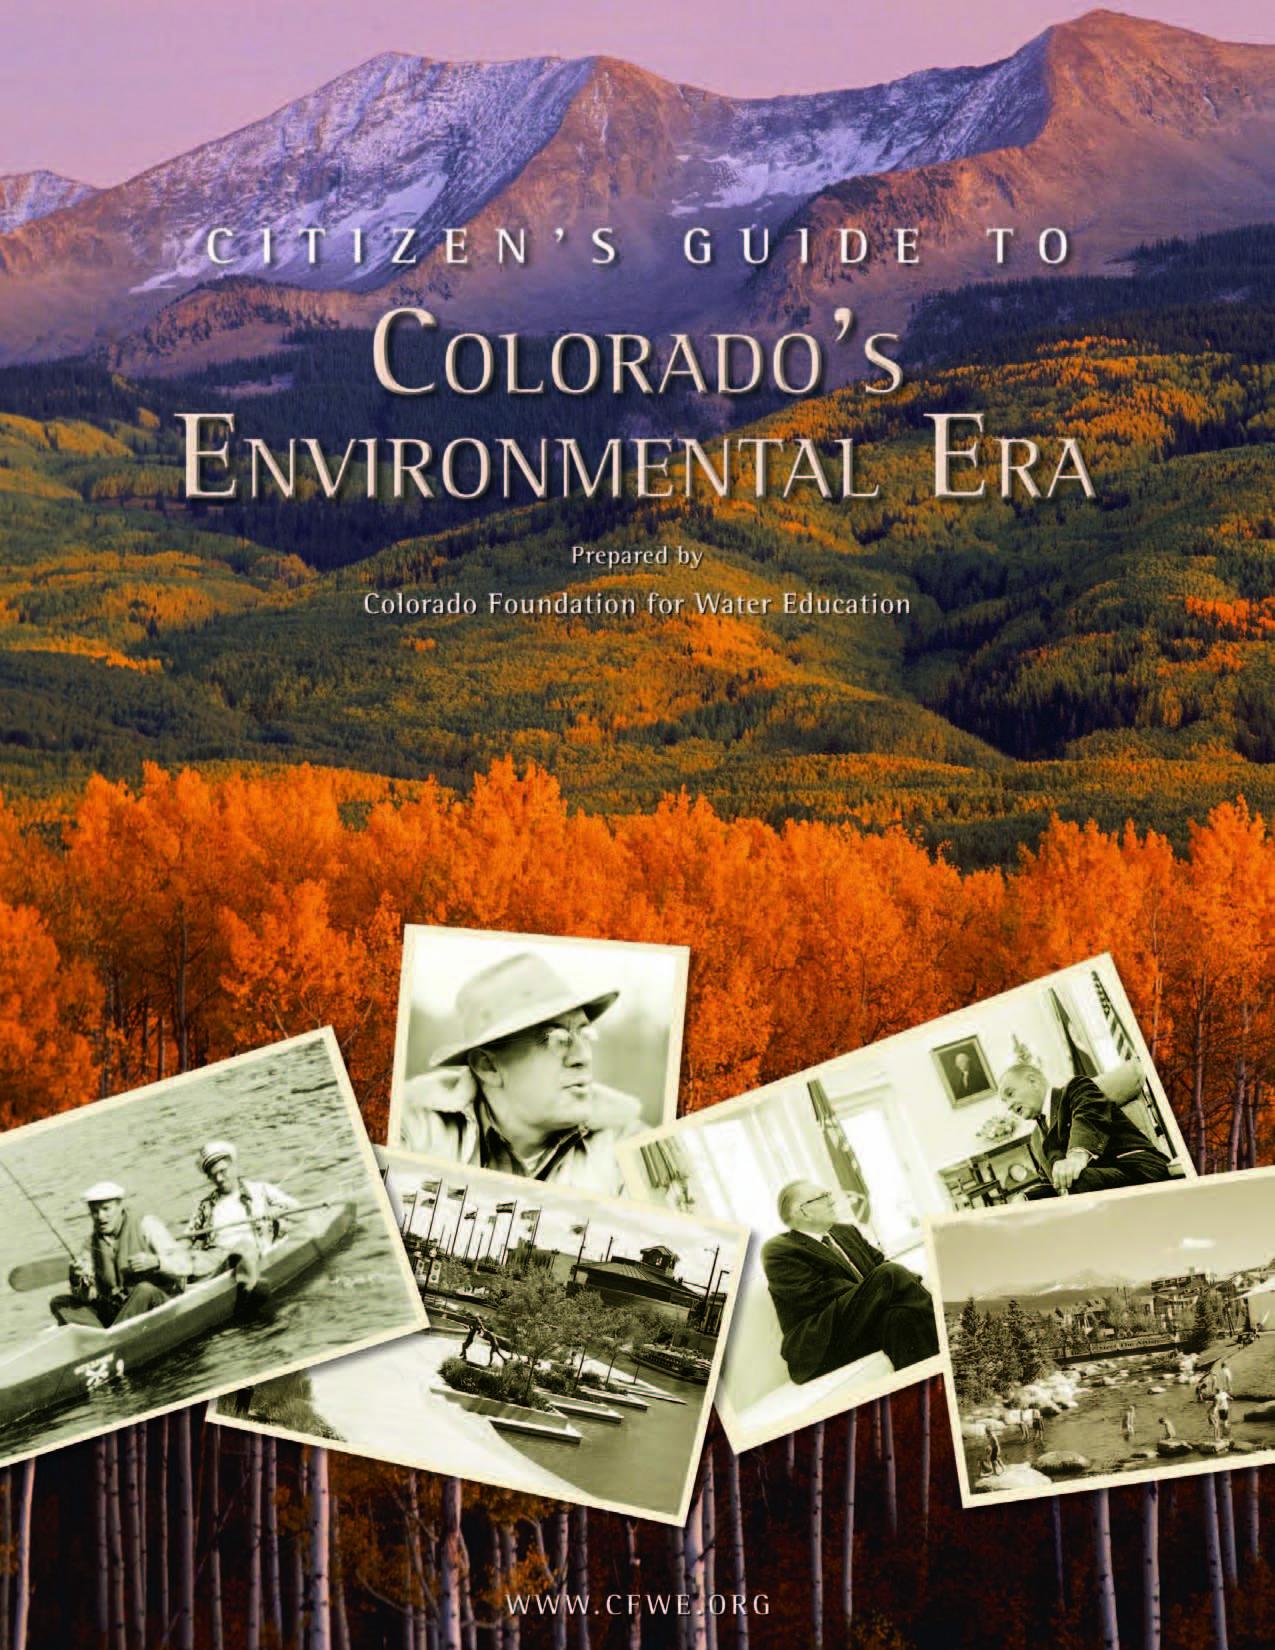 Citizen's Guide to Colorado's Environmental Era